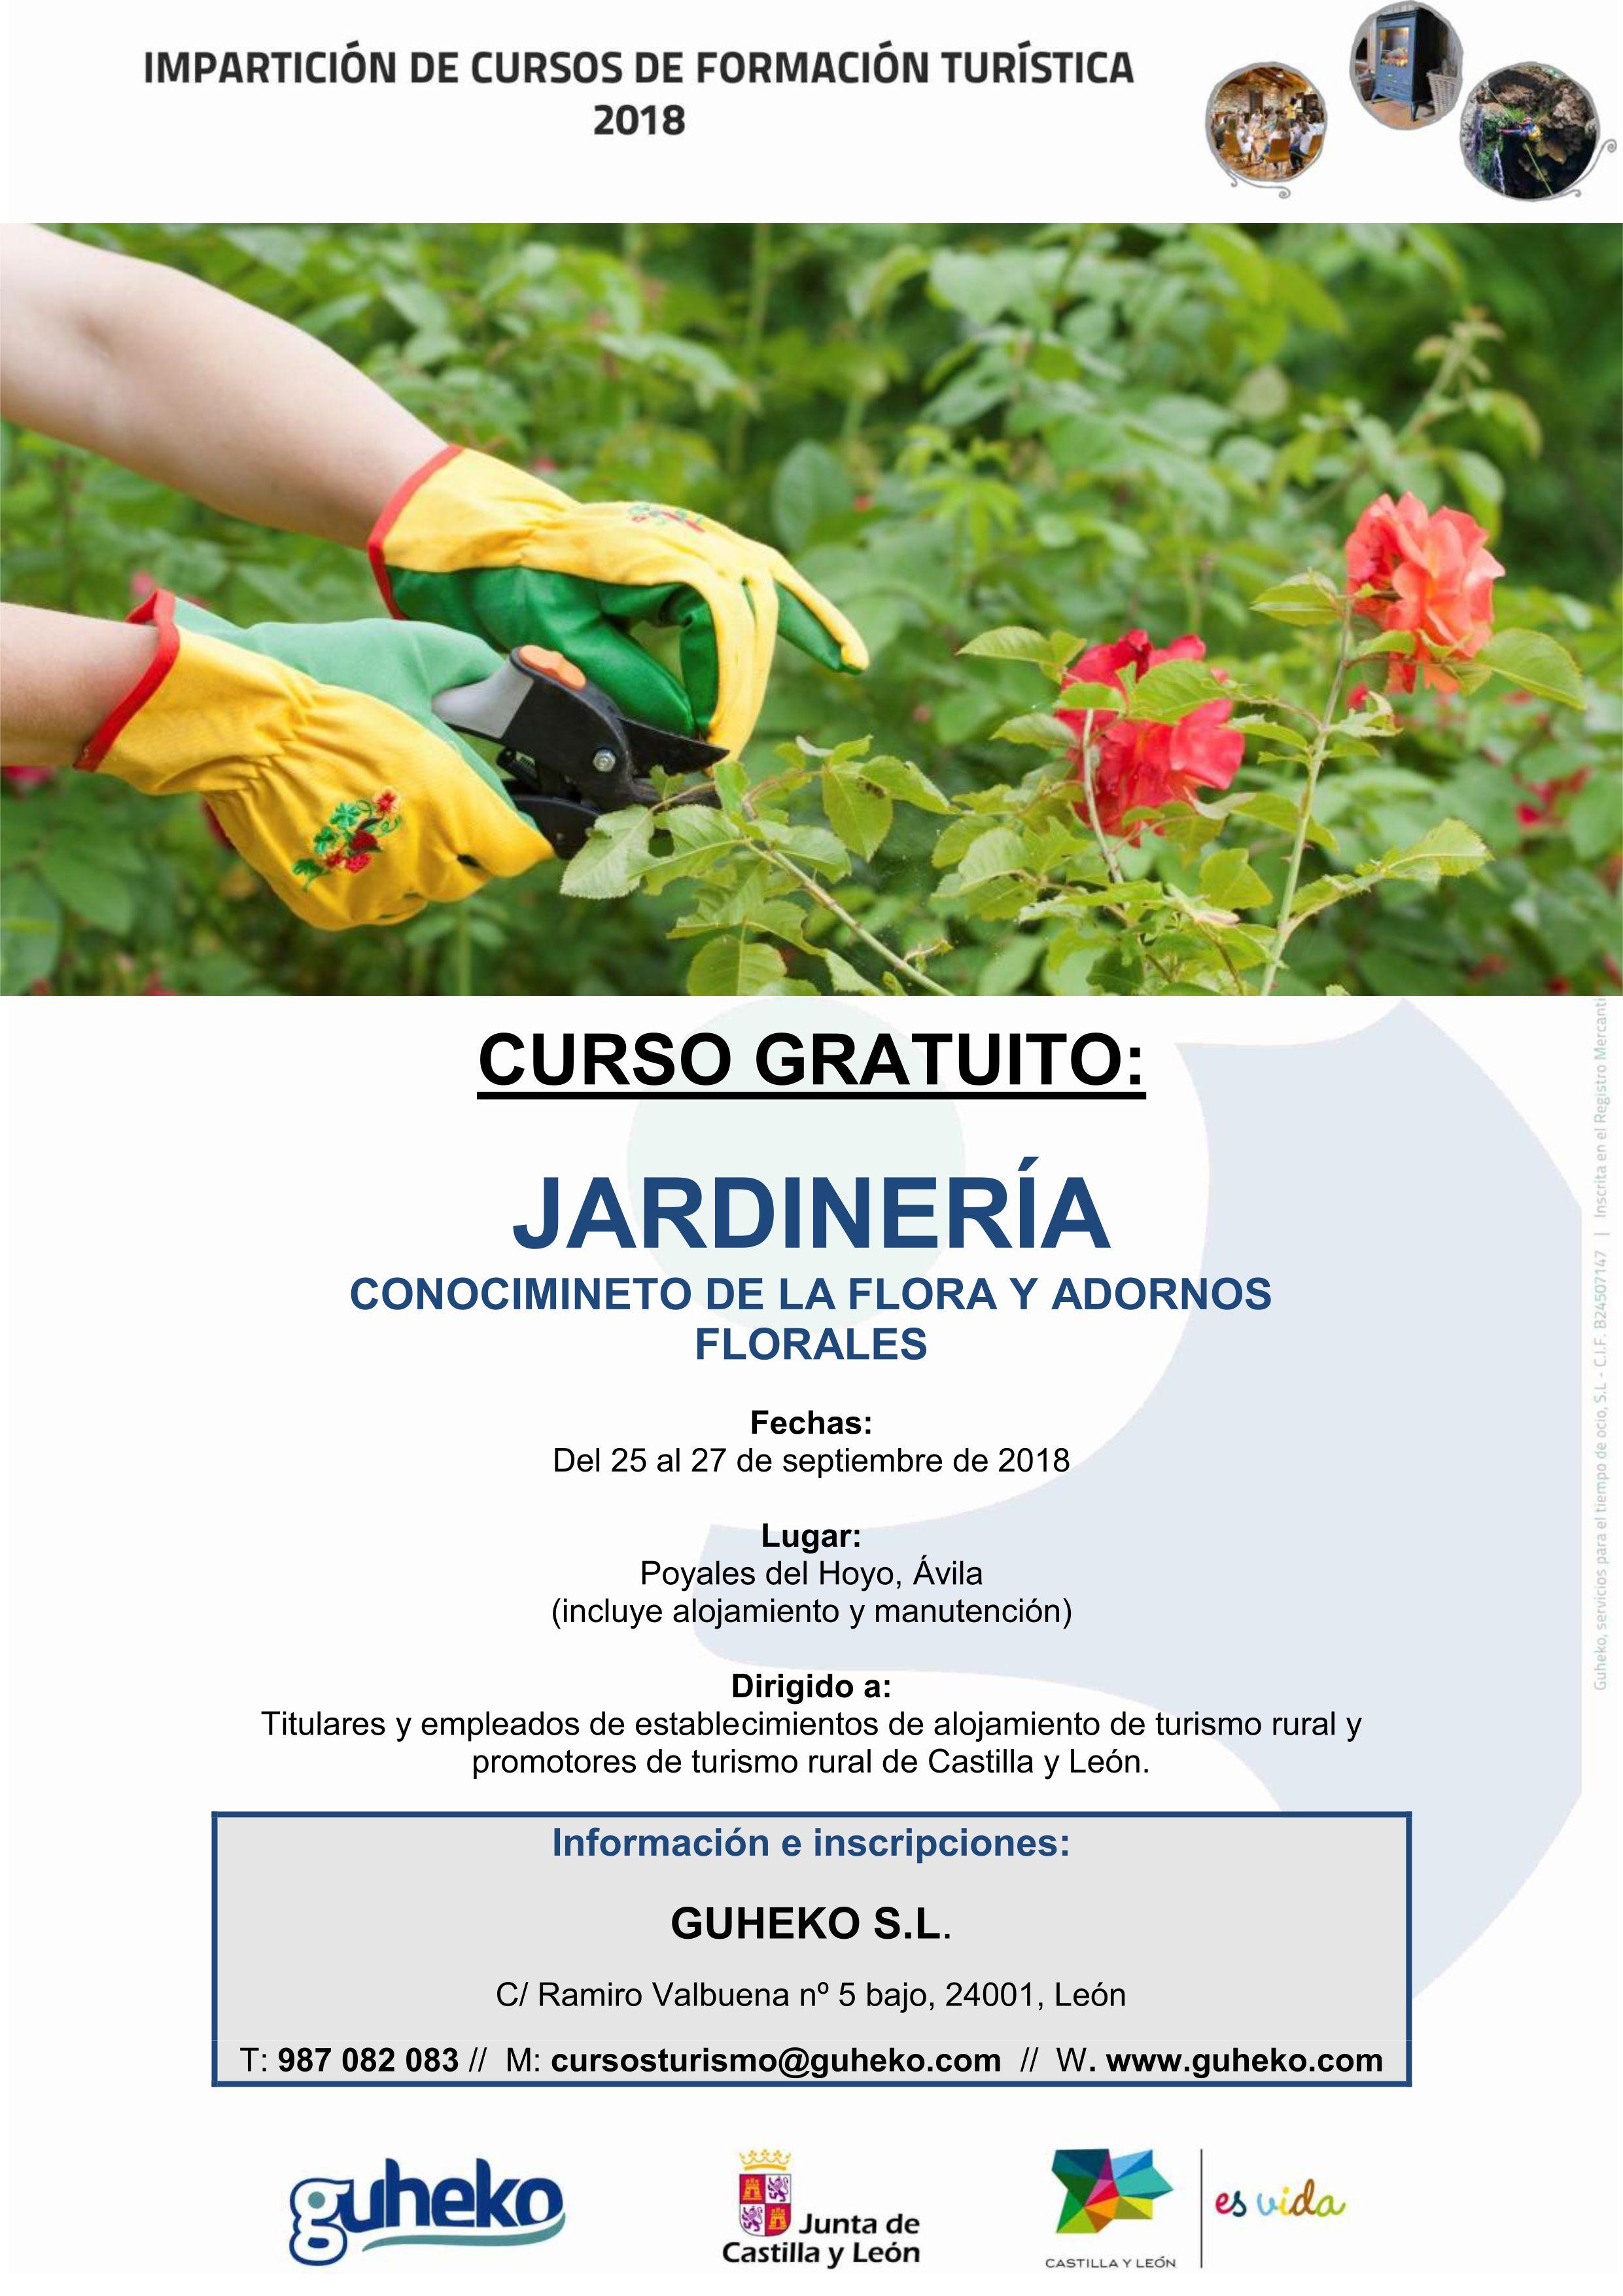 Guheko Turismo Ocio Y Tiempo Libre Curso Gratuito Jardineria - Adornos-florales